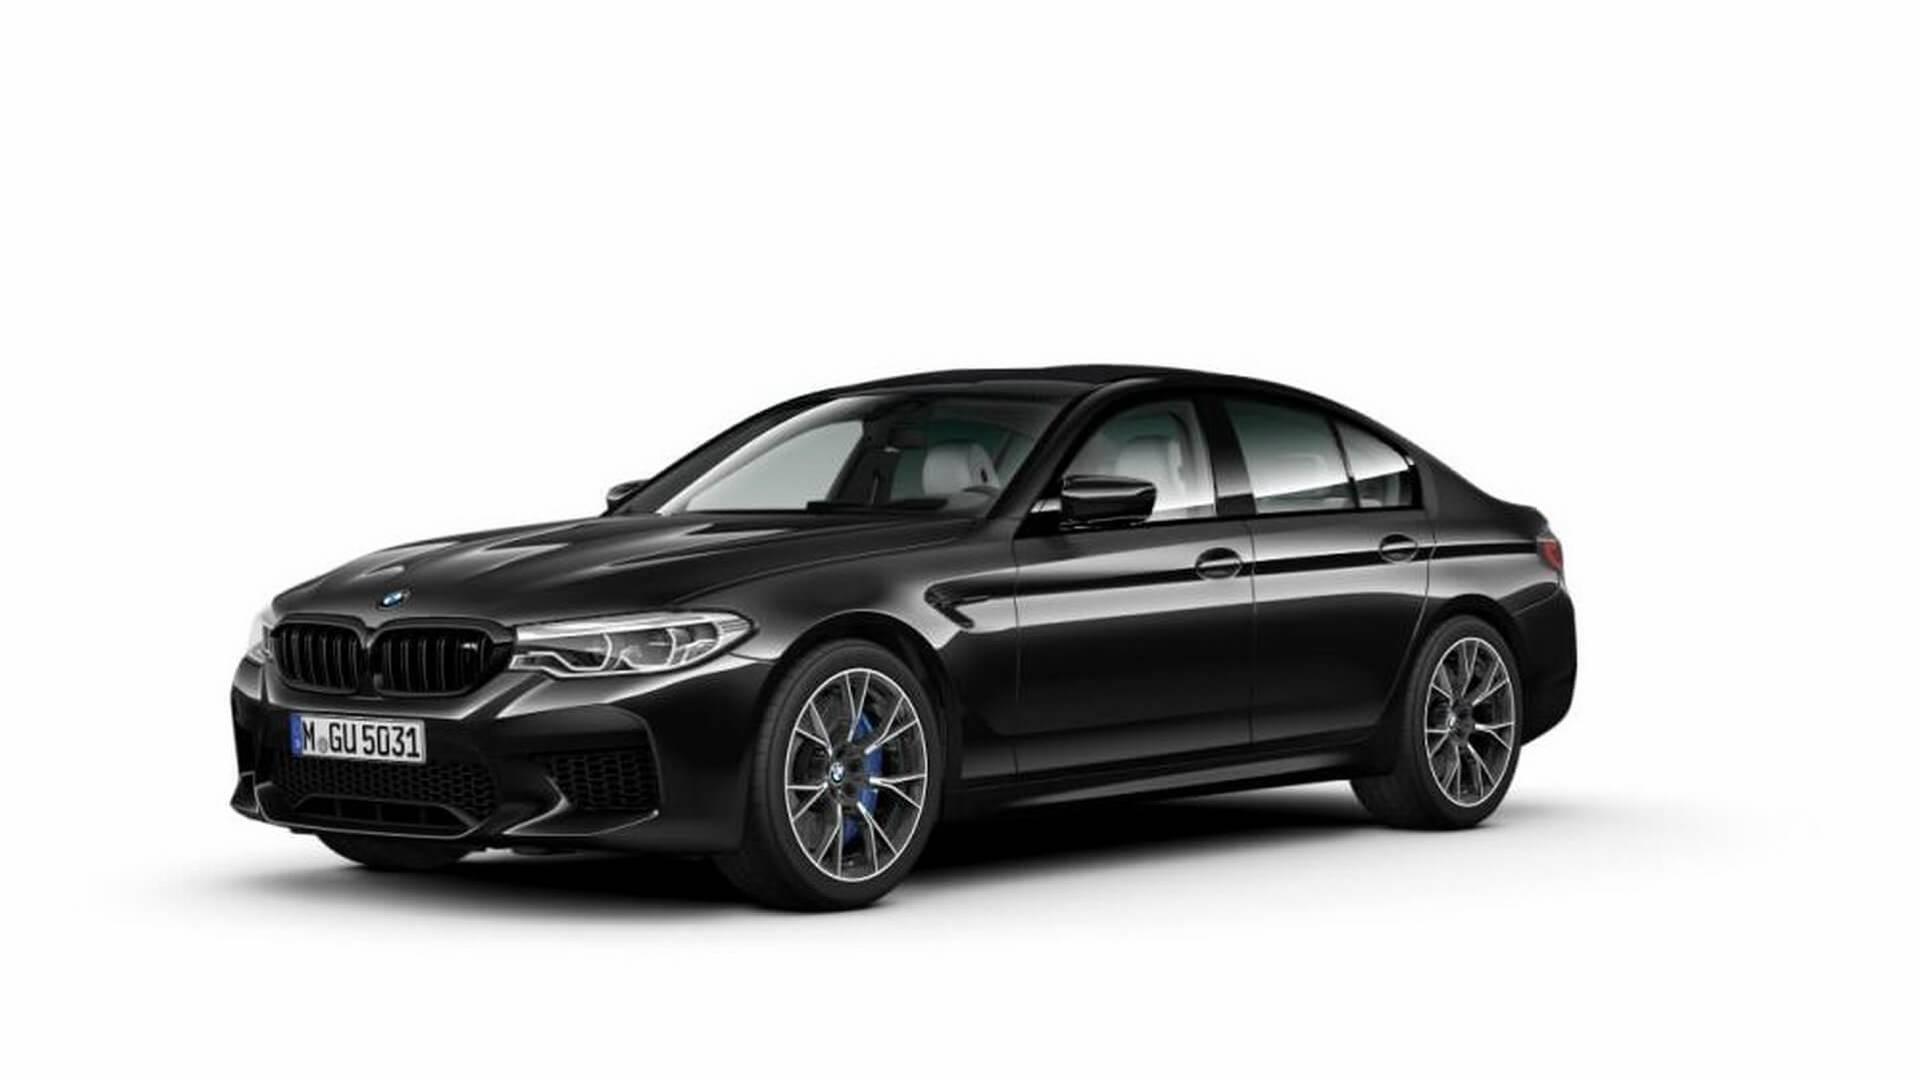 Специальная спортивная выхлопная система получит систему настройки и увеличения громкости. BMW также обновил настройки подвески.